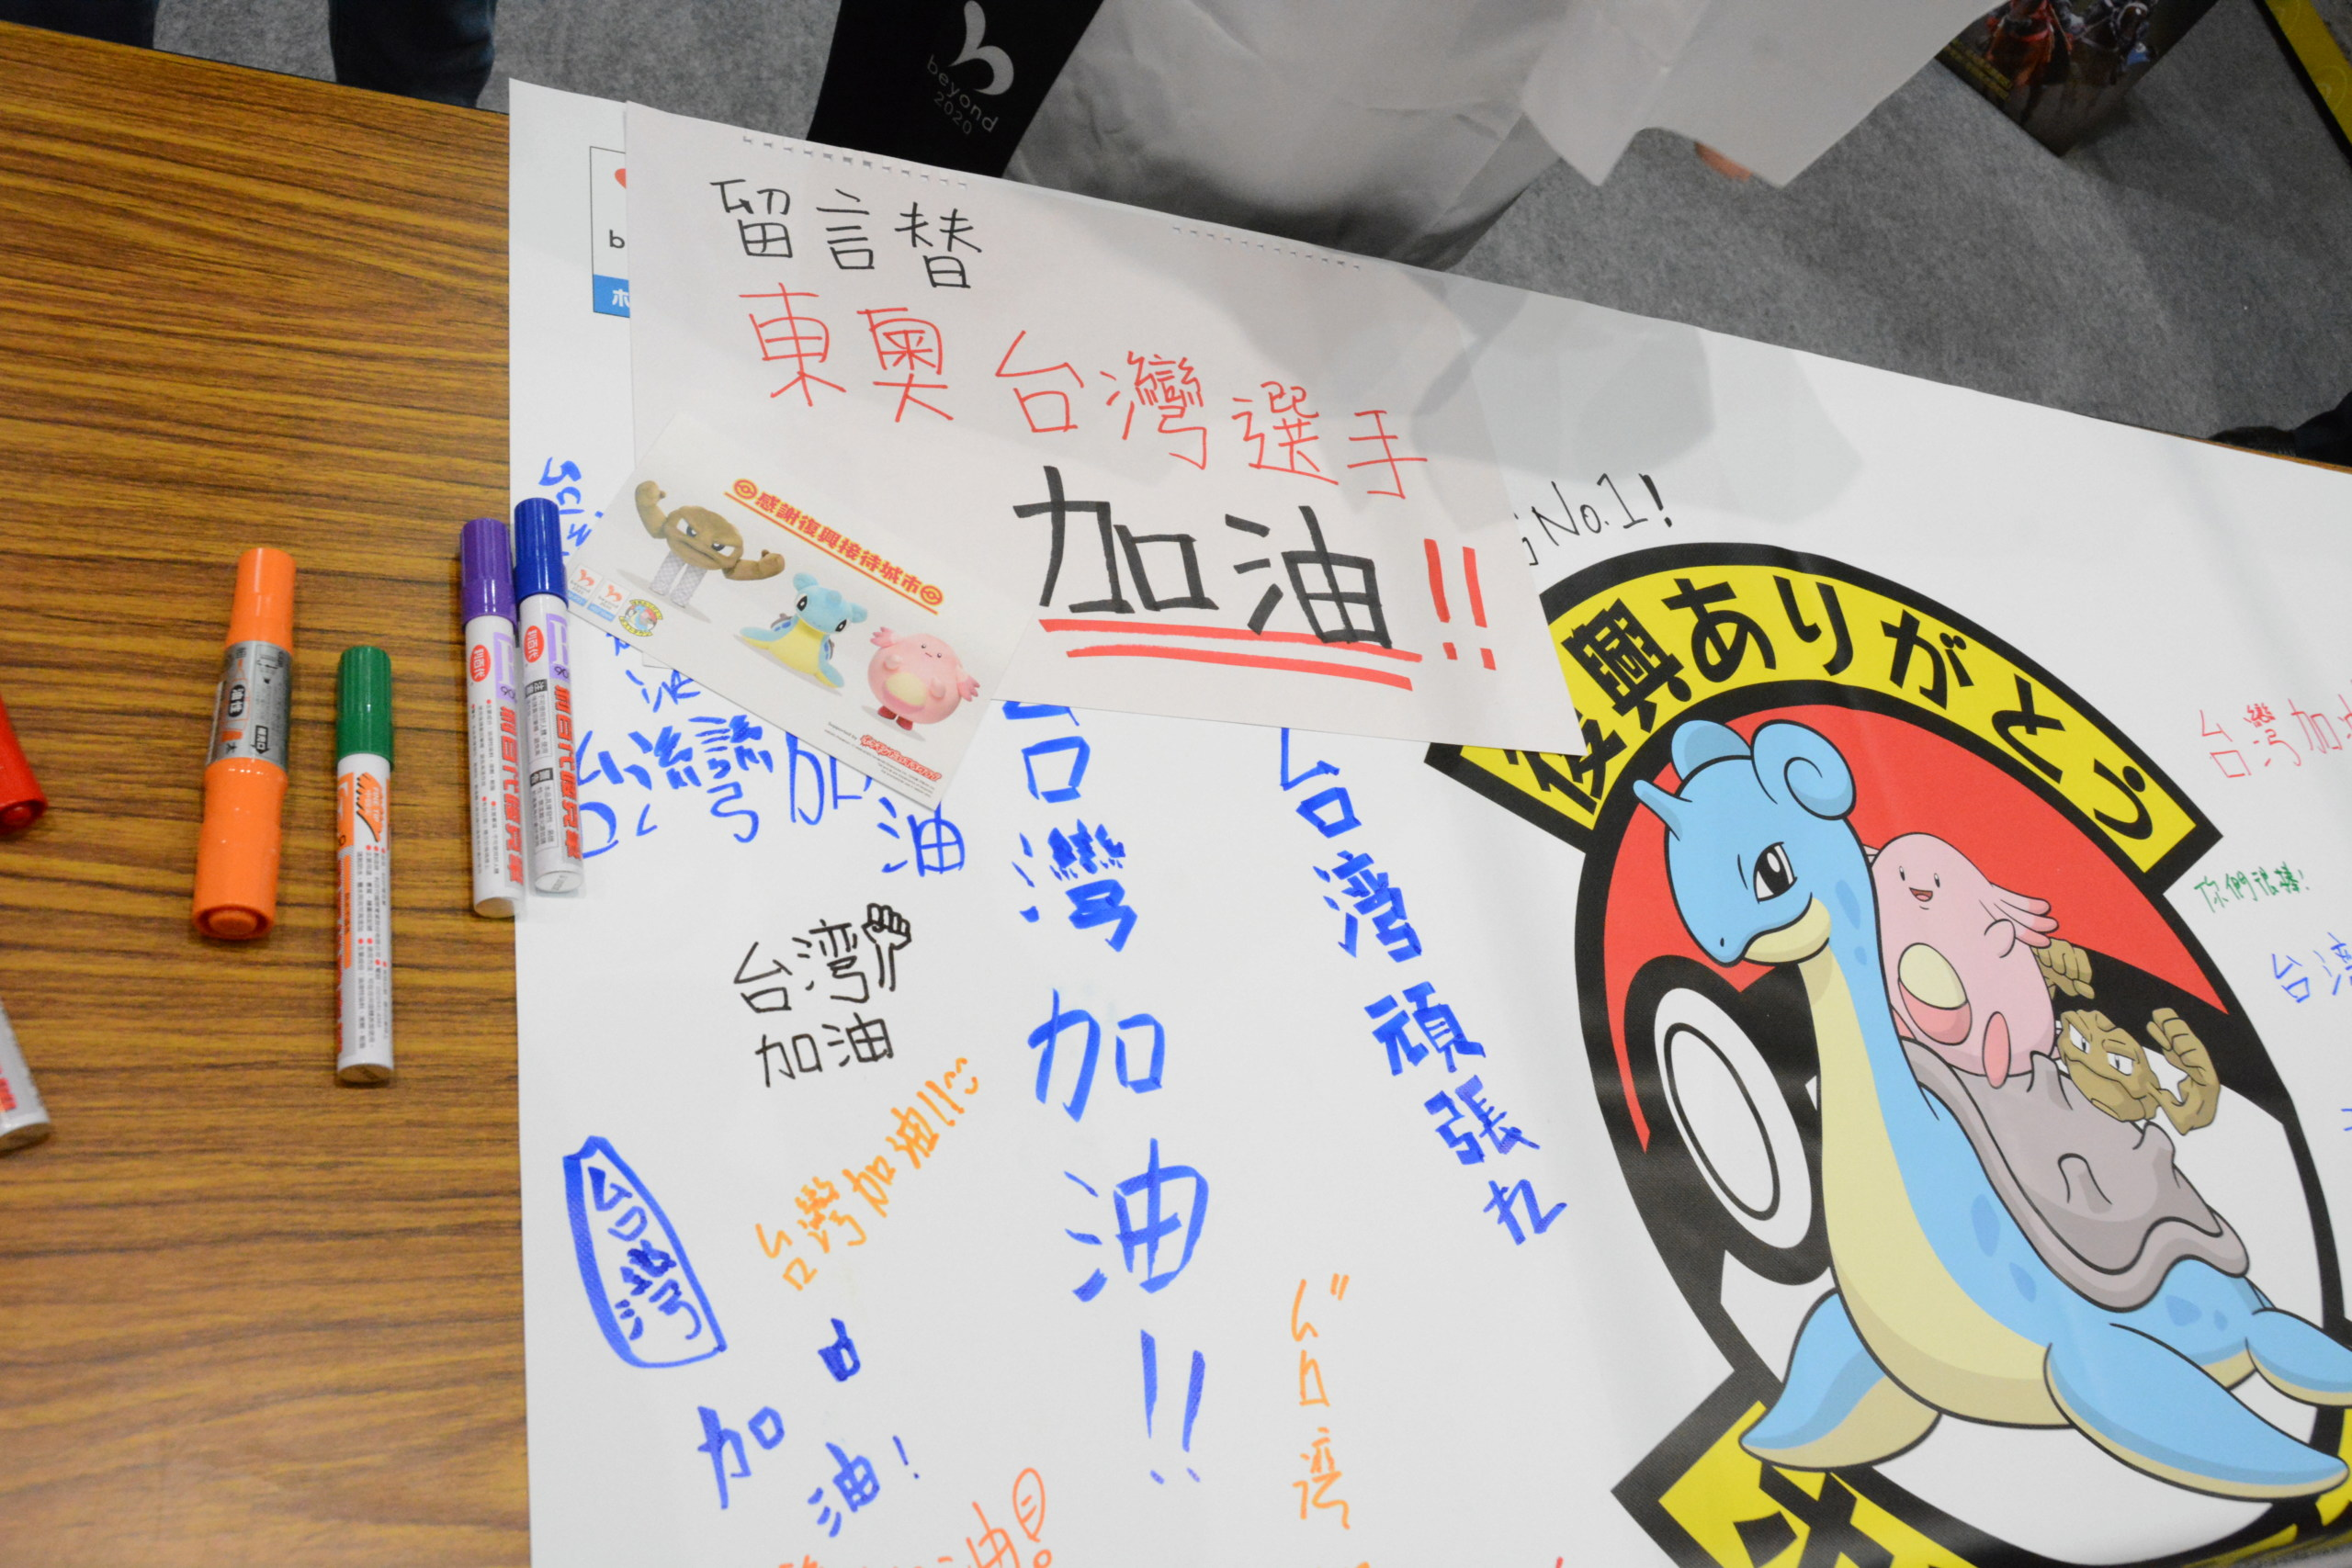 2020動漫 ICHIBAN JAPAN日本館 不畏寒流疫情 開館首日猛灌爆量人潮瘋搶周邊 Uayoii10